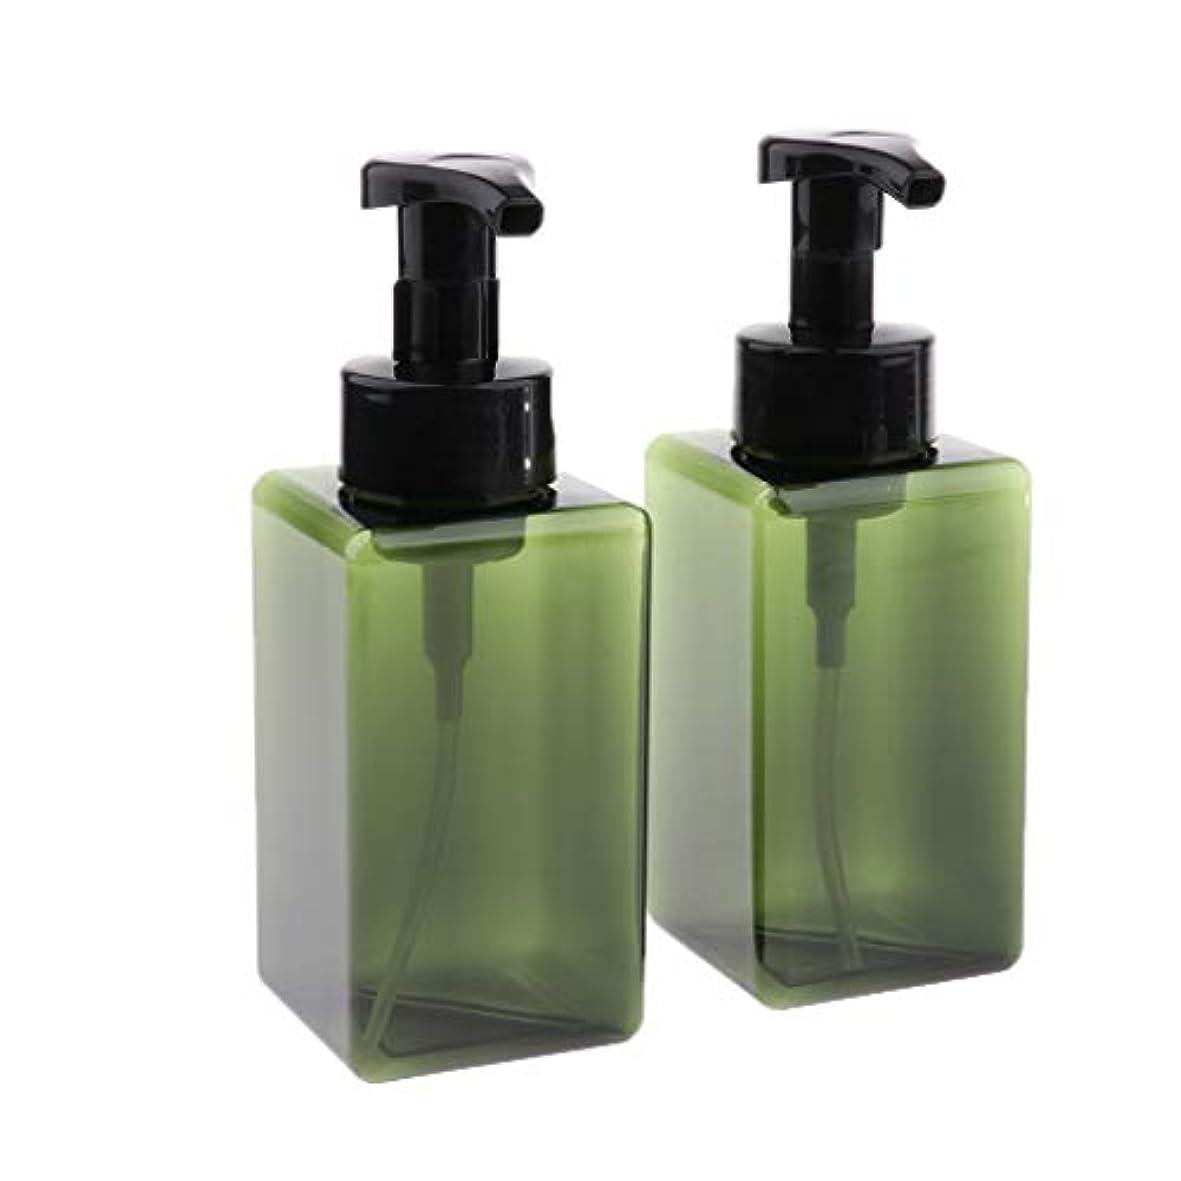 担保サーバ肥料CUTICATE 2個 450ml 小分けボトル 泡ポンプボトル 空ボトル ディスペンサー 詰め替え容器 旅行ボトル 全6色 - 緑